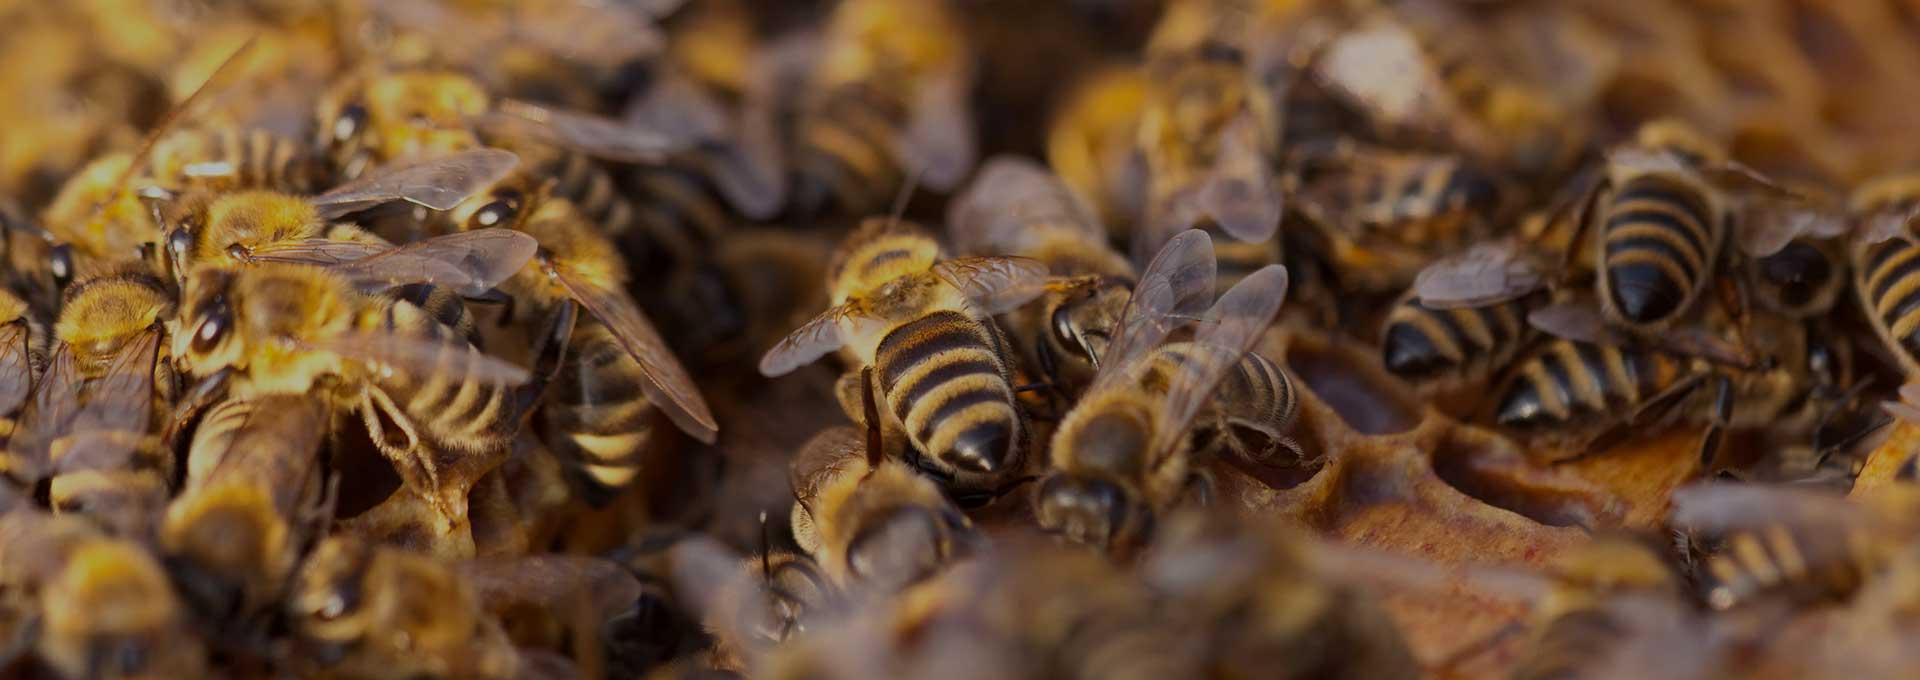 Bee Removal Phoenix AZ